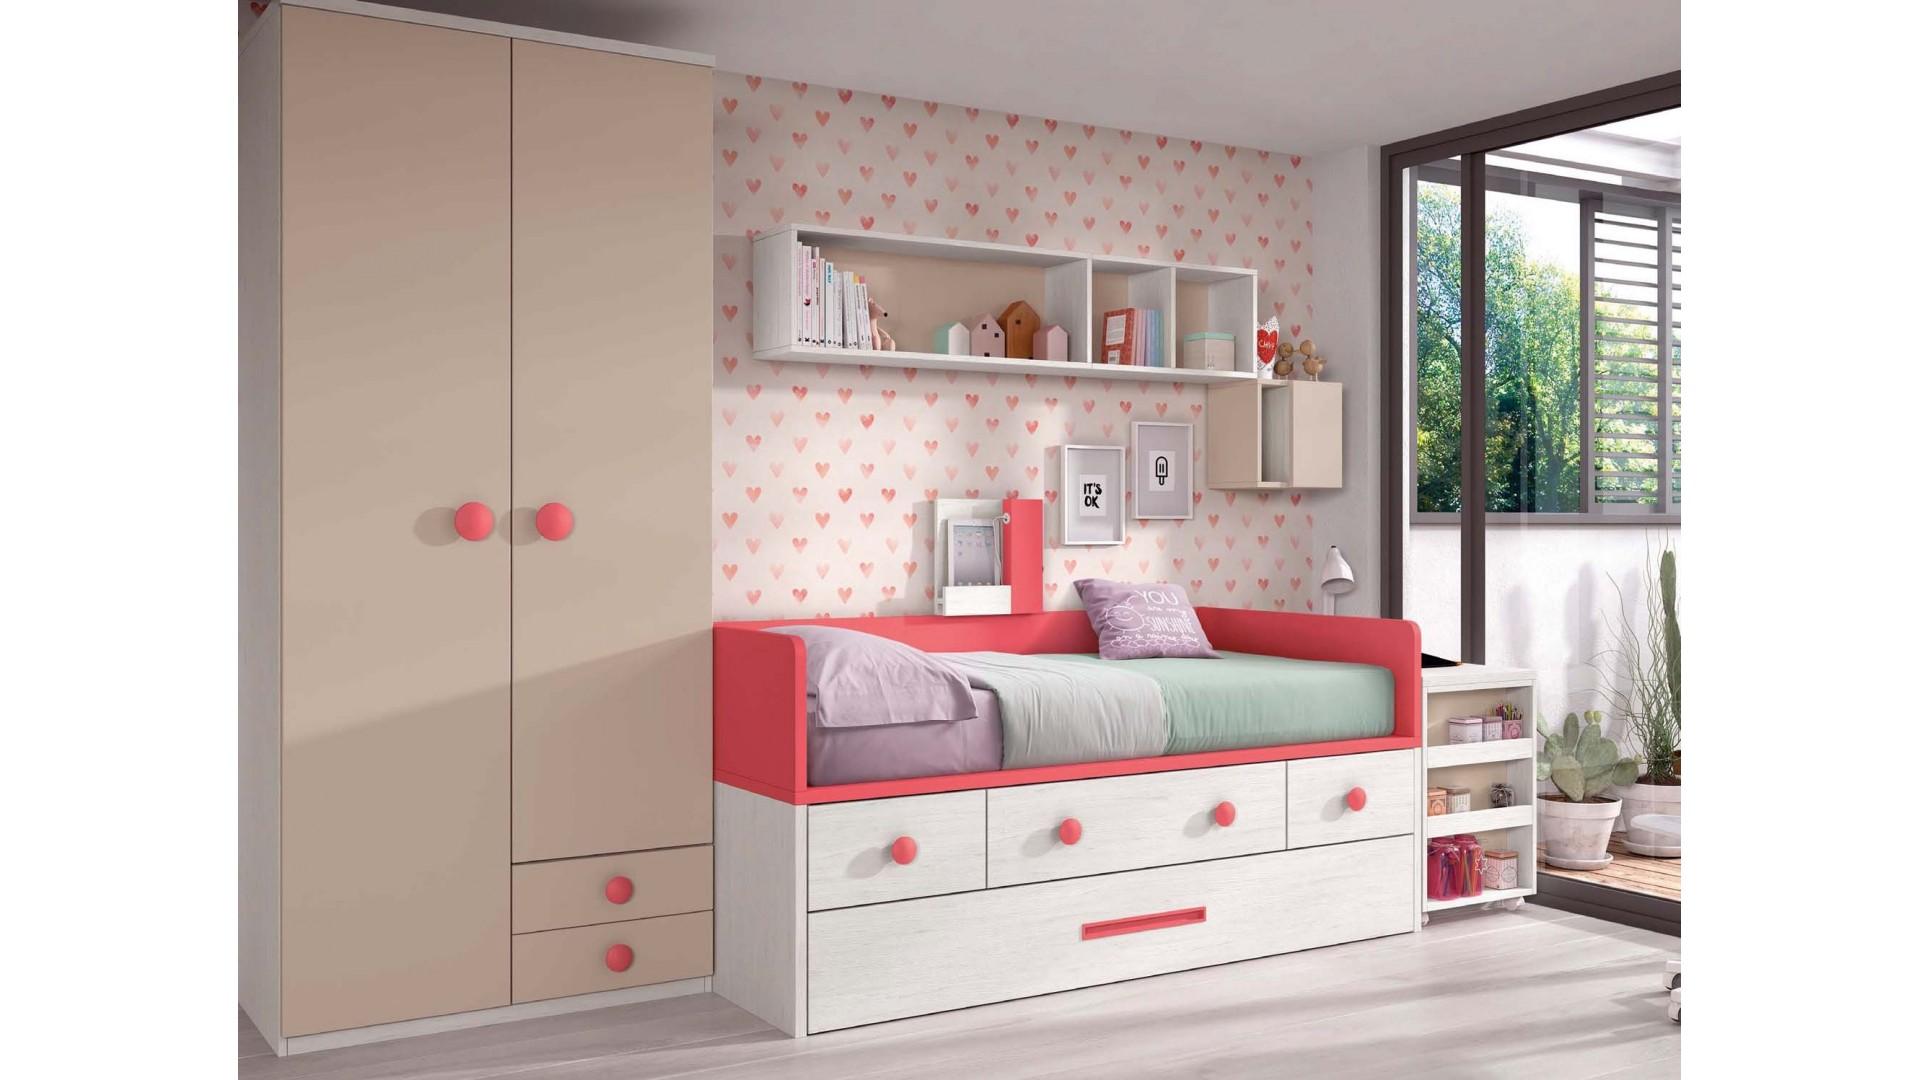 lit 1 personne avec 3 coffres et un lit gigogne personnalisable f027 glicerio